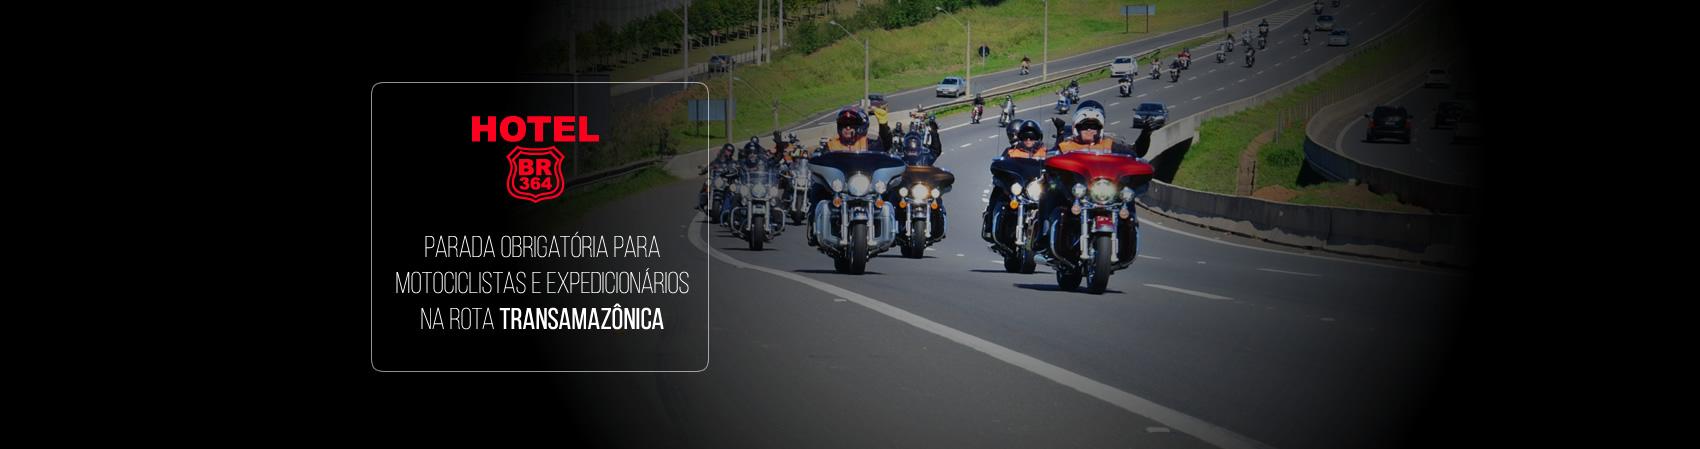 Motociclistas e expedicionários